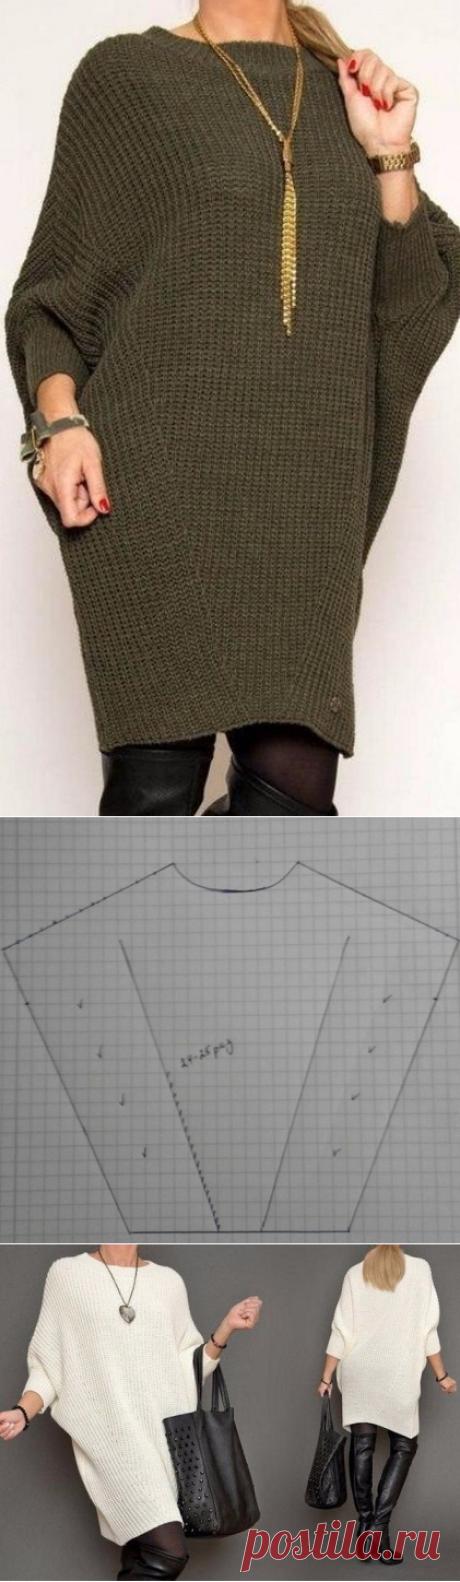 Платье свободного модного силуэта (Вязание спицами) – Журнал Вдохновение Рукодельницы